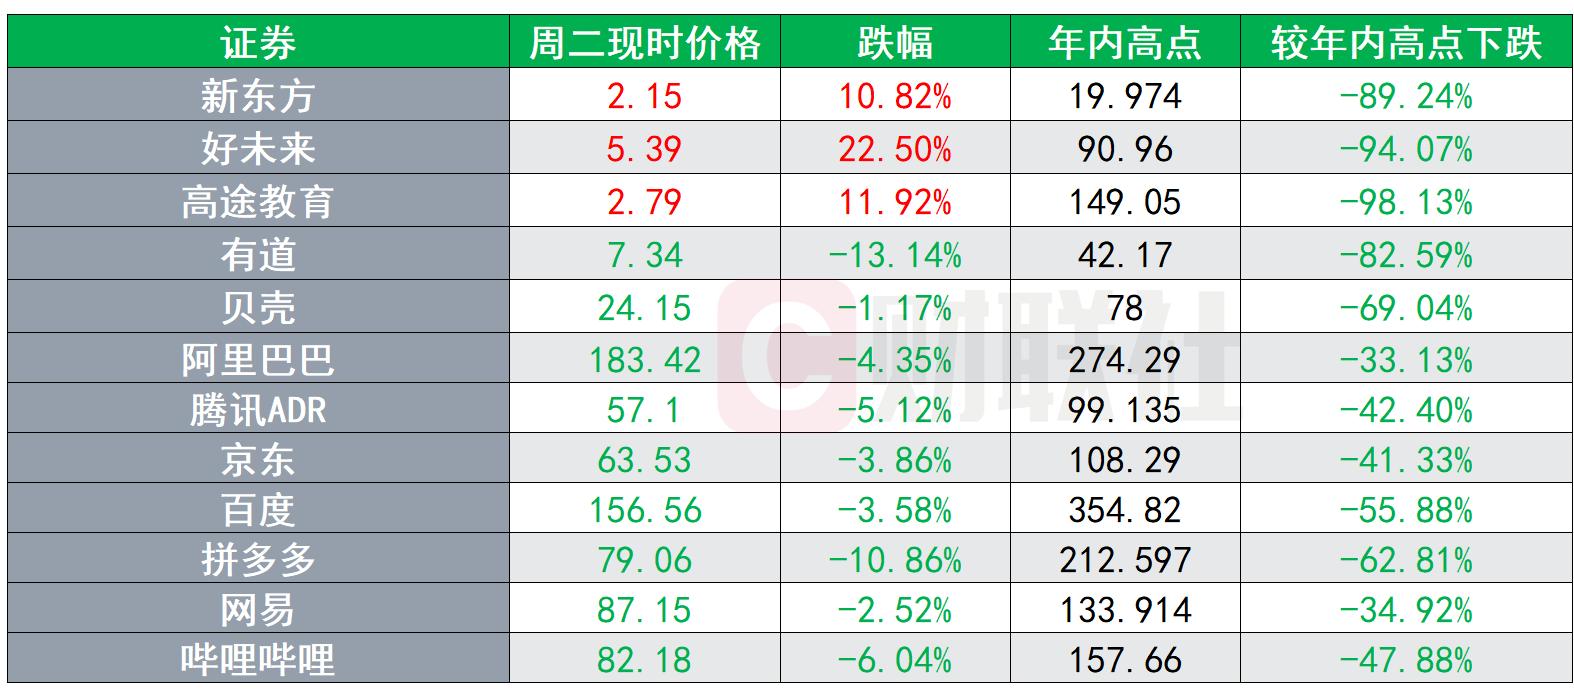 """""""新兴市场教父""""莫比乌斯:监管举措是好事 没有国际投资者会忽略中国"""